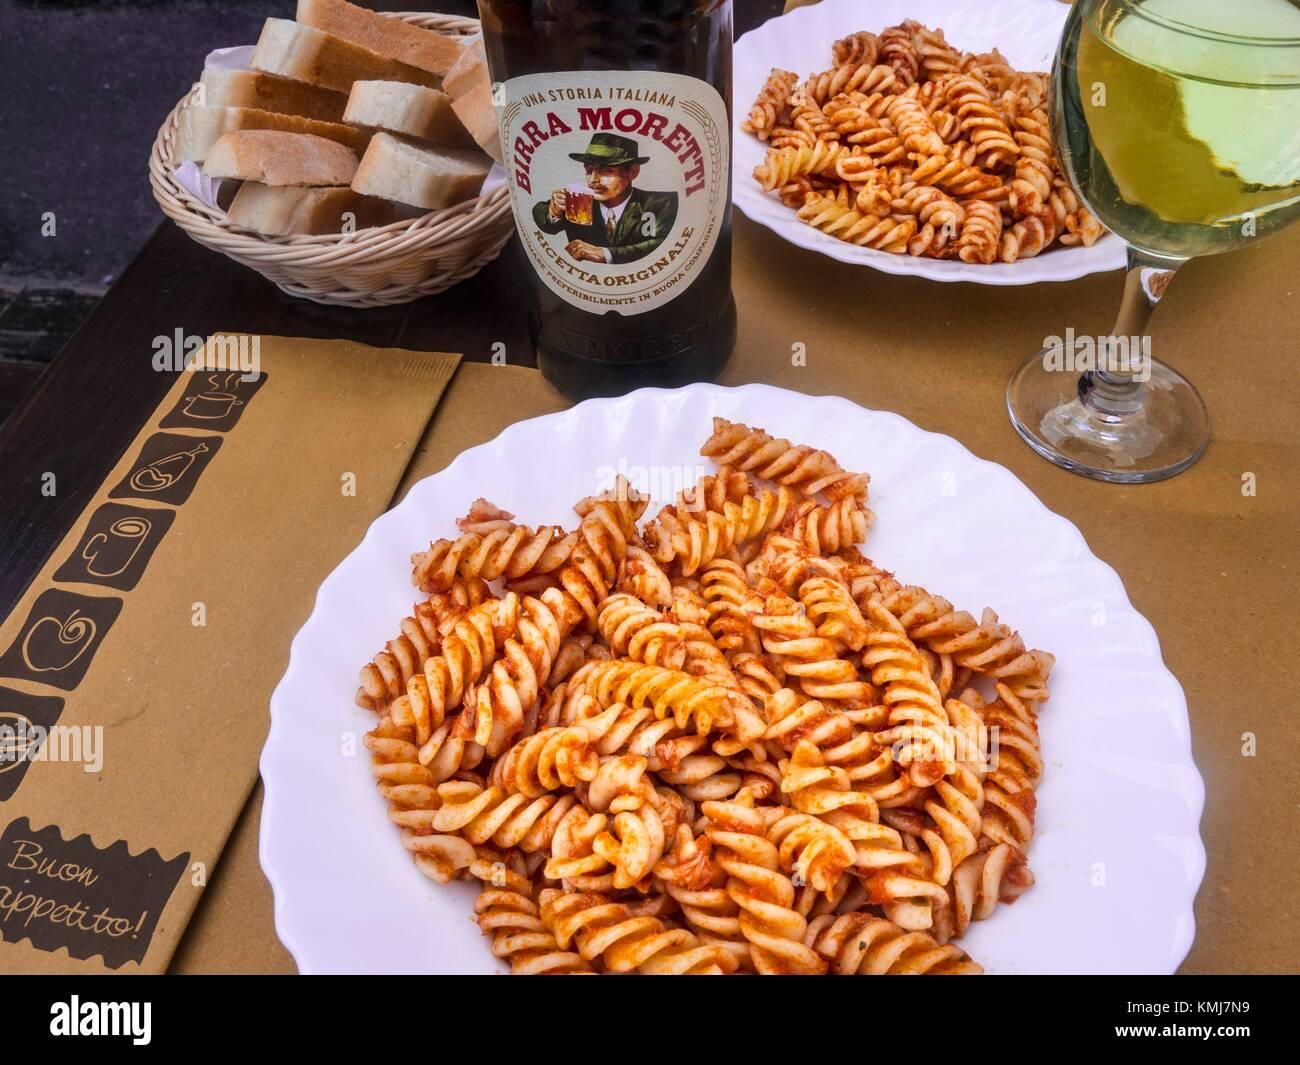 Italia- una bebida alimentaria- ''Pasta'' con salsa de tomate, la cerveza y el vino blanco. Imagen De Stock